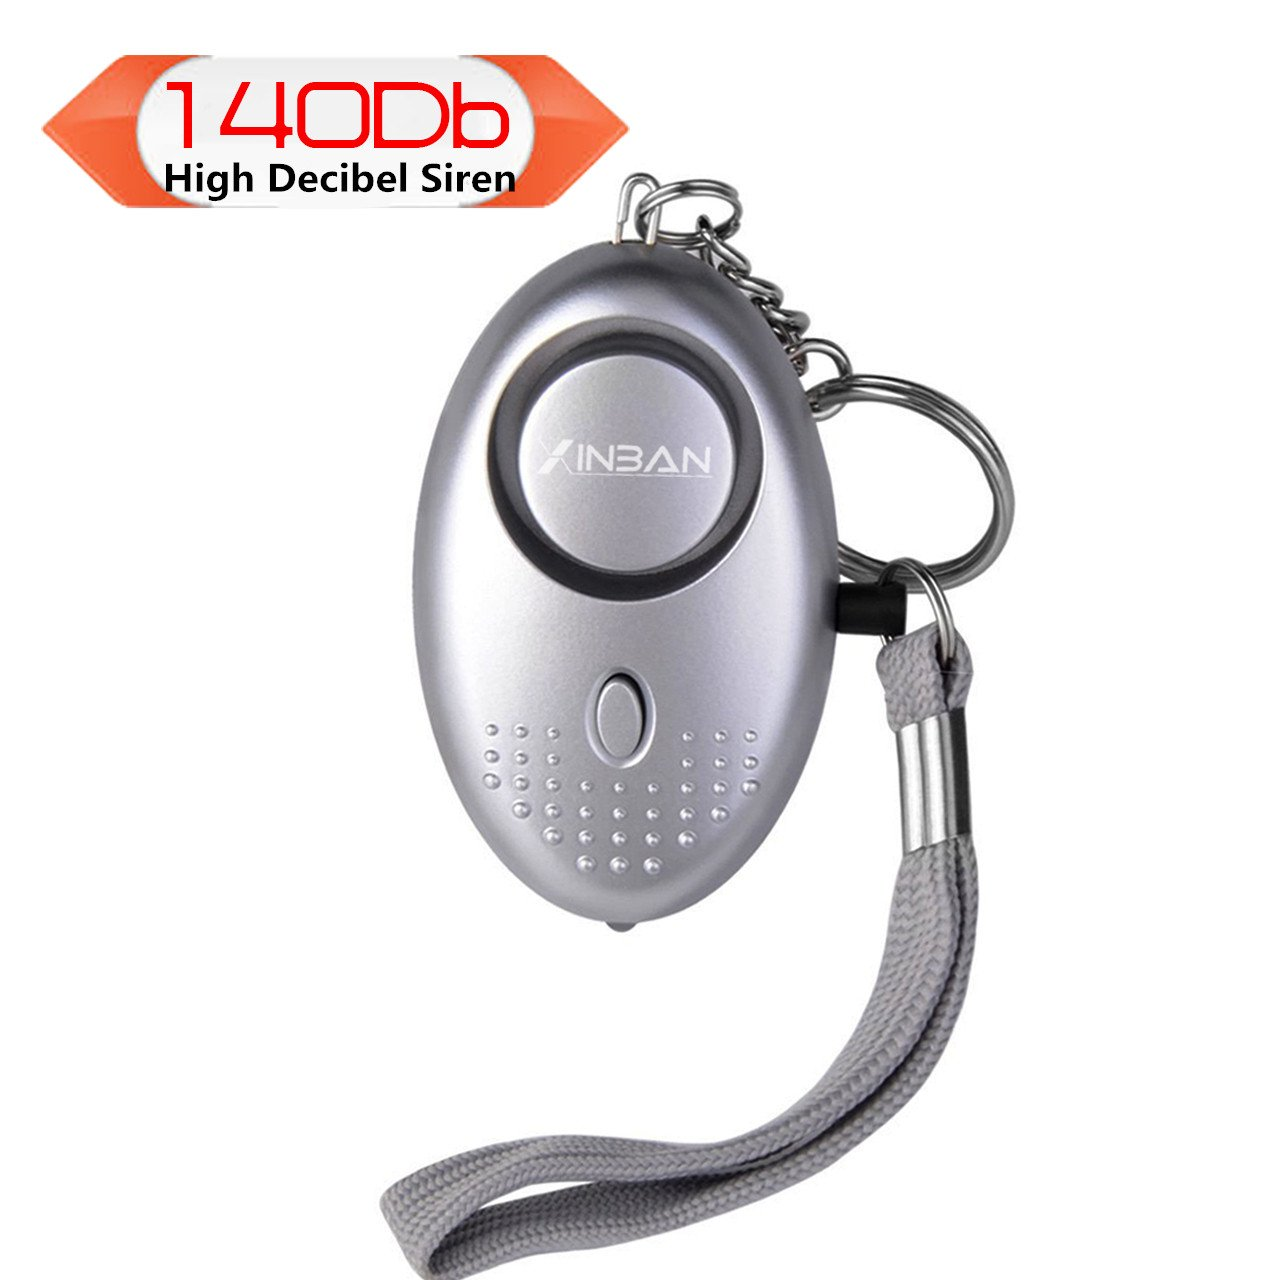 Persönlicher Schlüsselalarm Personenalarm 140dB für Frauen Panikalarm Schlüsselanhänger Sirene, mit LED Fackel(1er Silber)